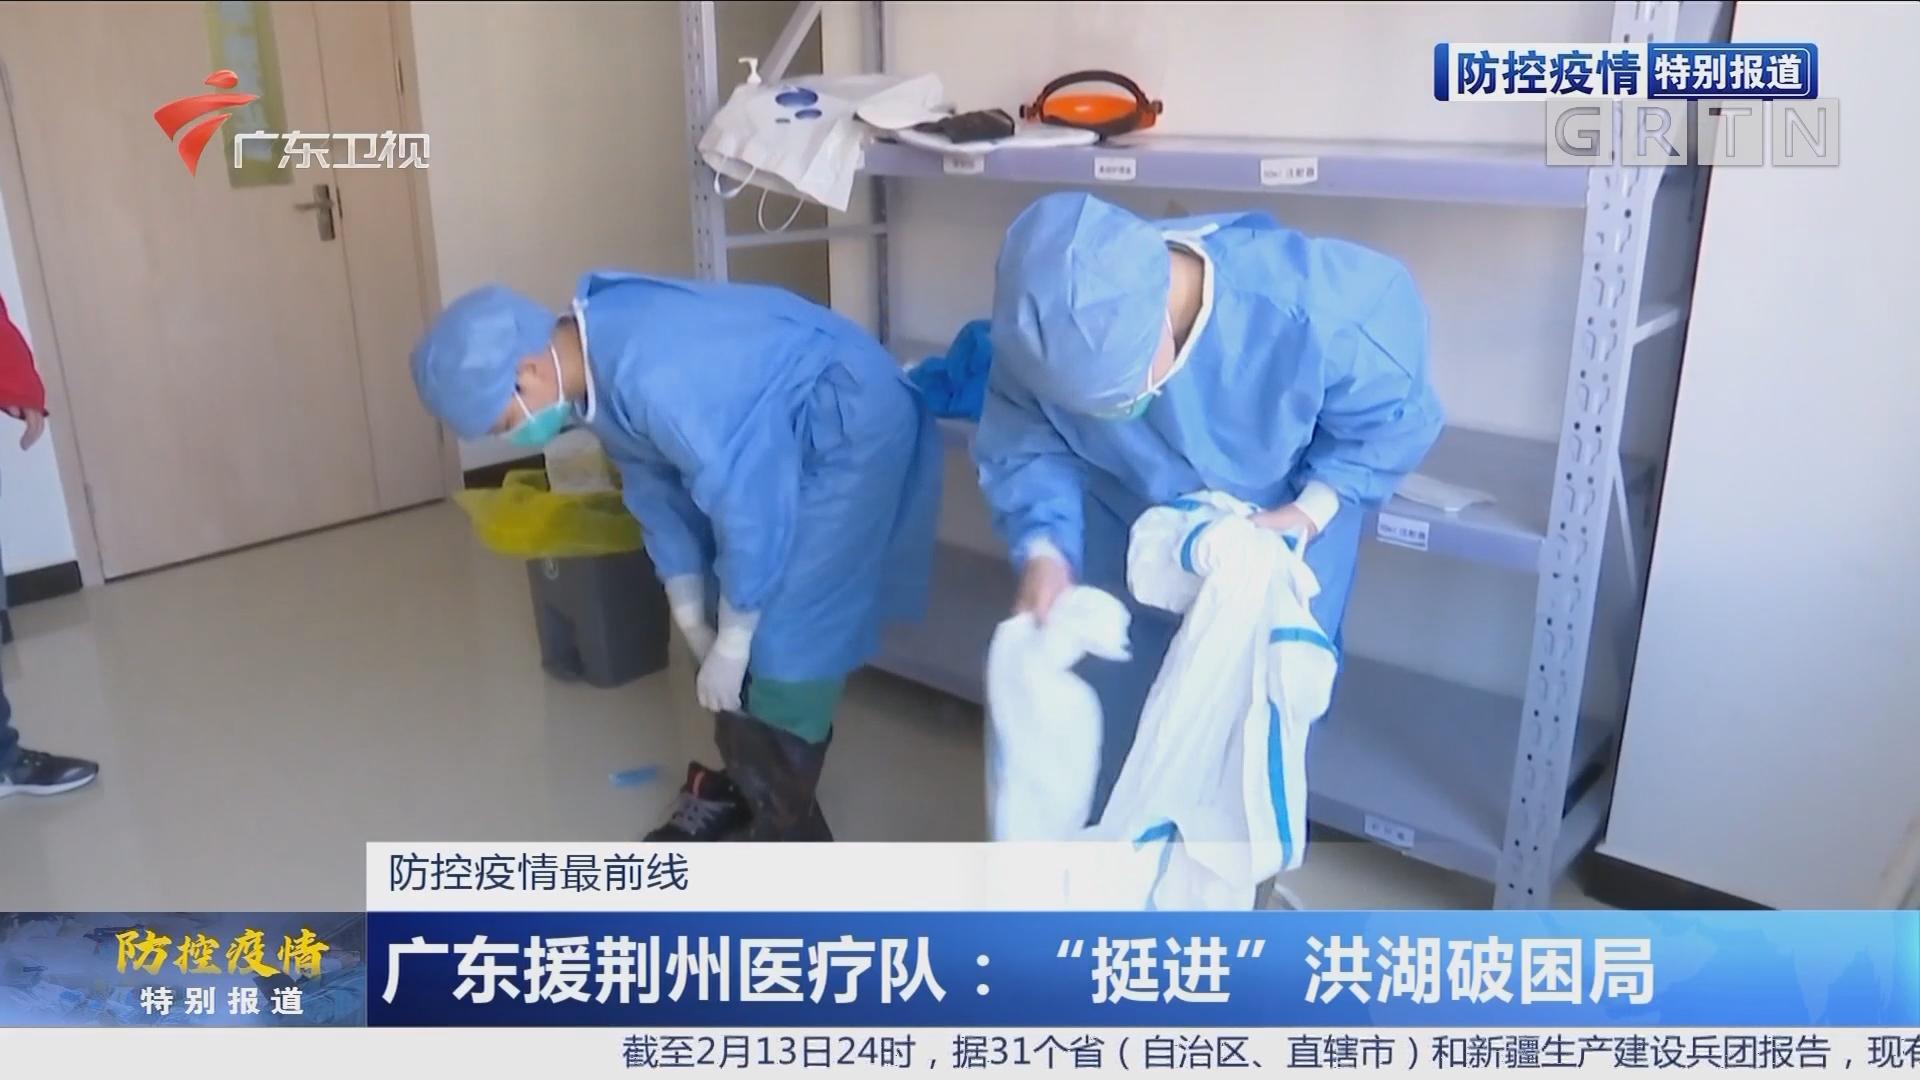 """广东援荆州医疗队:""""挺进""""洪湖破解疫情困局"""